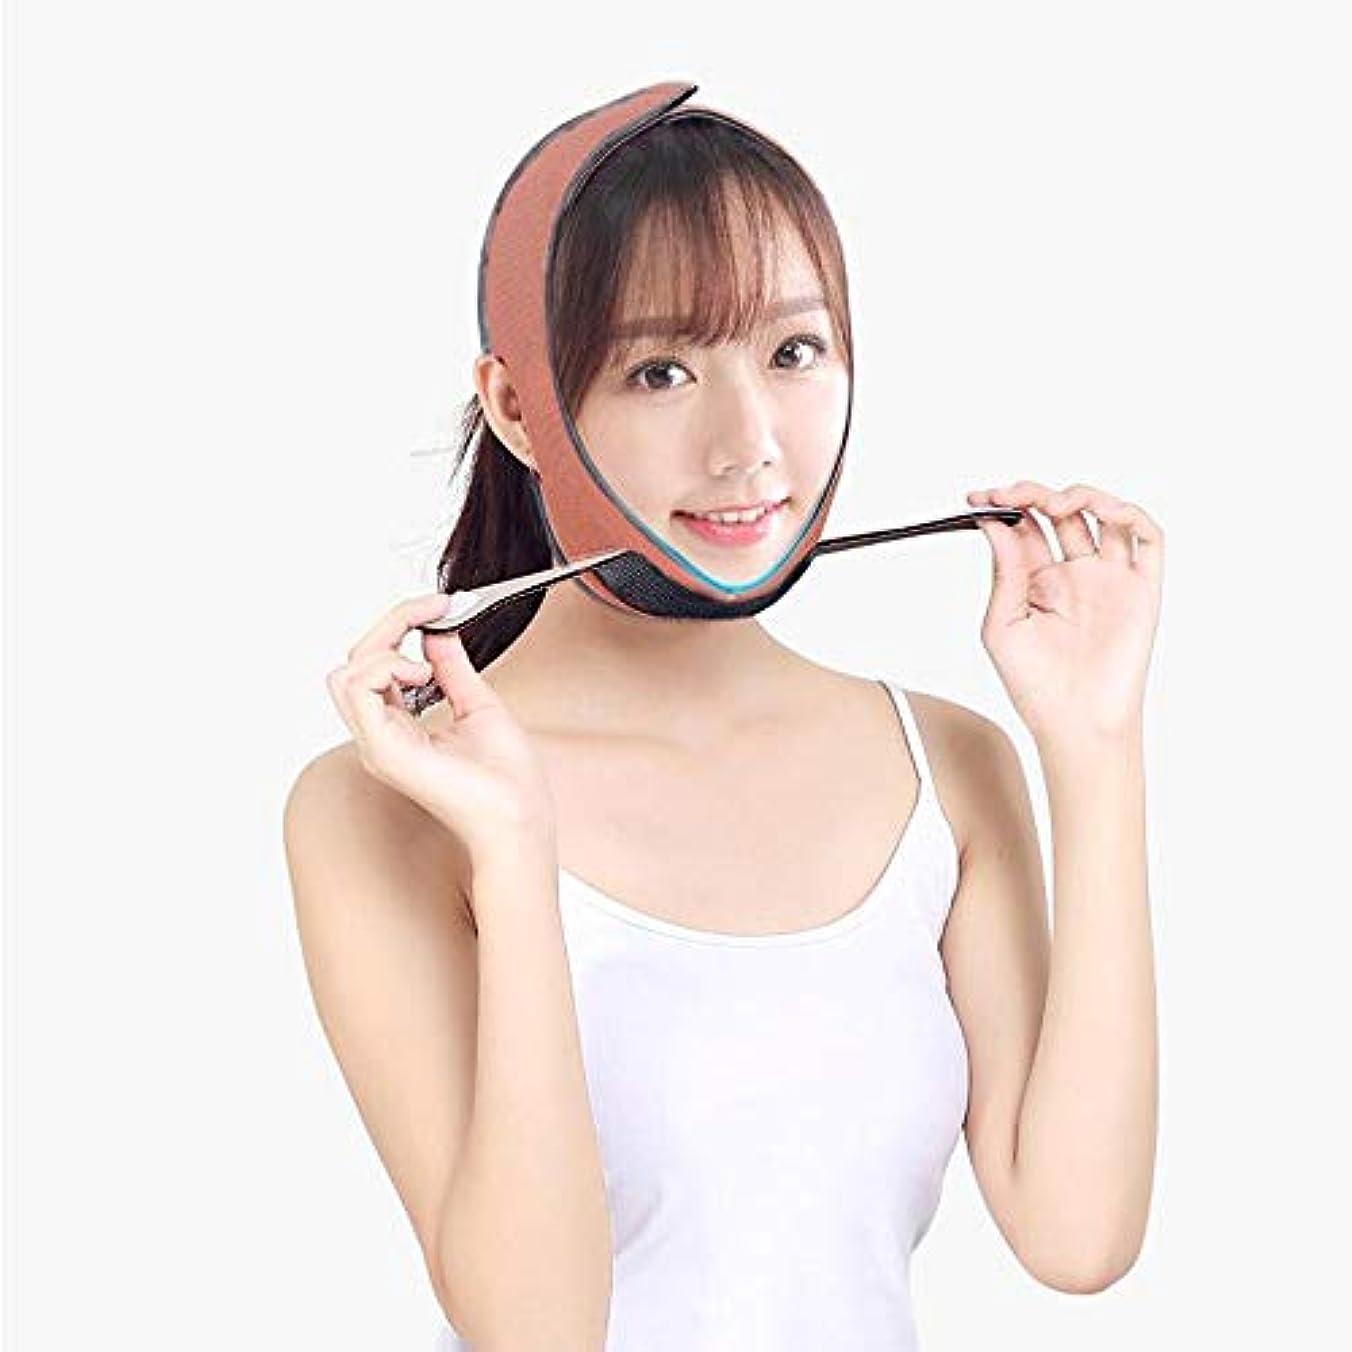 クーポンテーマ電報GYZ フェイシャルリフティングスリミングベルト - 薄いフェイス包帯Vフェイス包帯マスクフェイシャルマッサージャー無料整形マスク顔と首の顔を引き締めますスリム Thin Face Belt